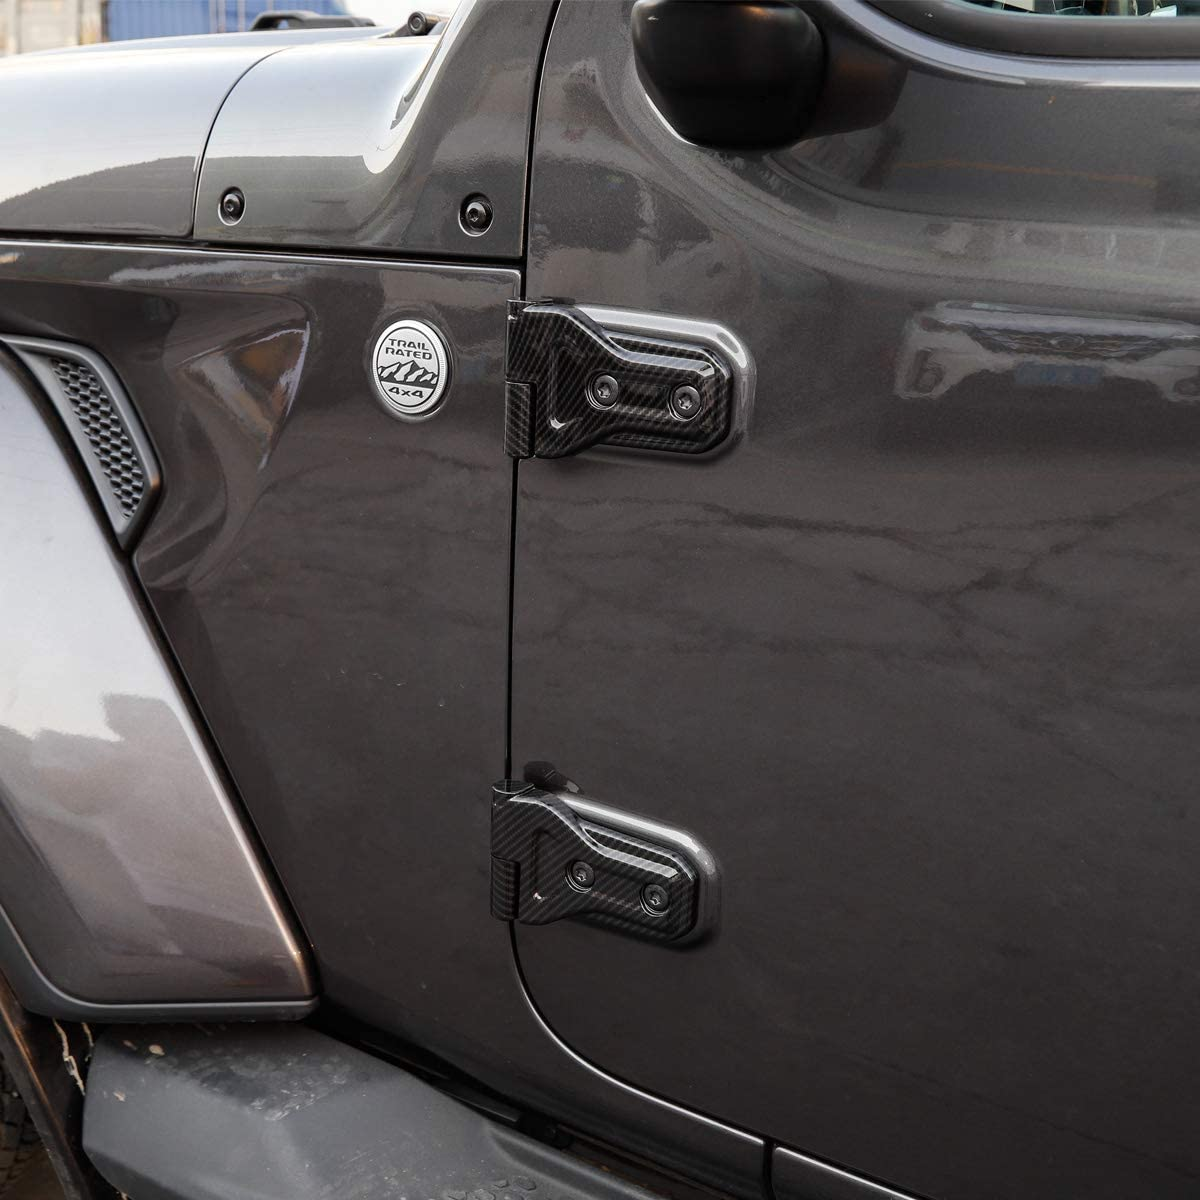 Door Hinge Cover, 4-Door JeCar ABS Silver Engine Door Hinge Cover Molding Trim for 2018 Jeep Wrangler JL